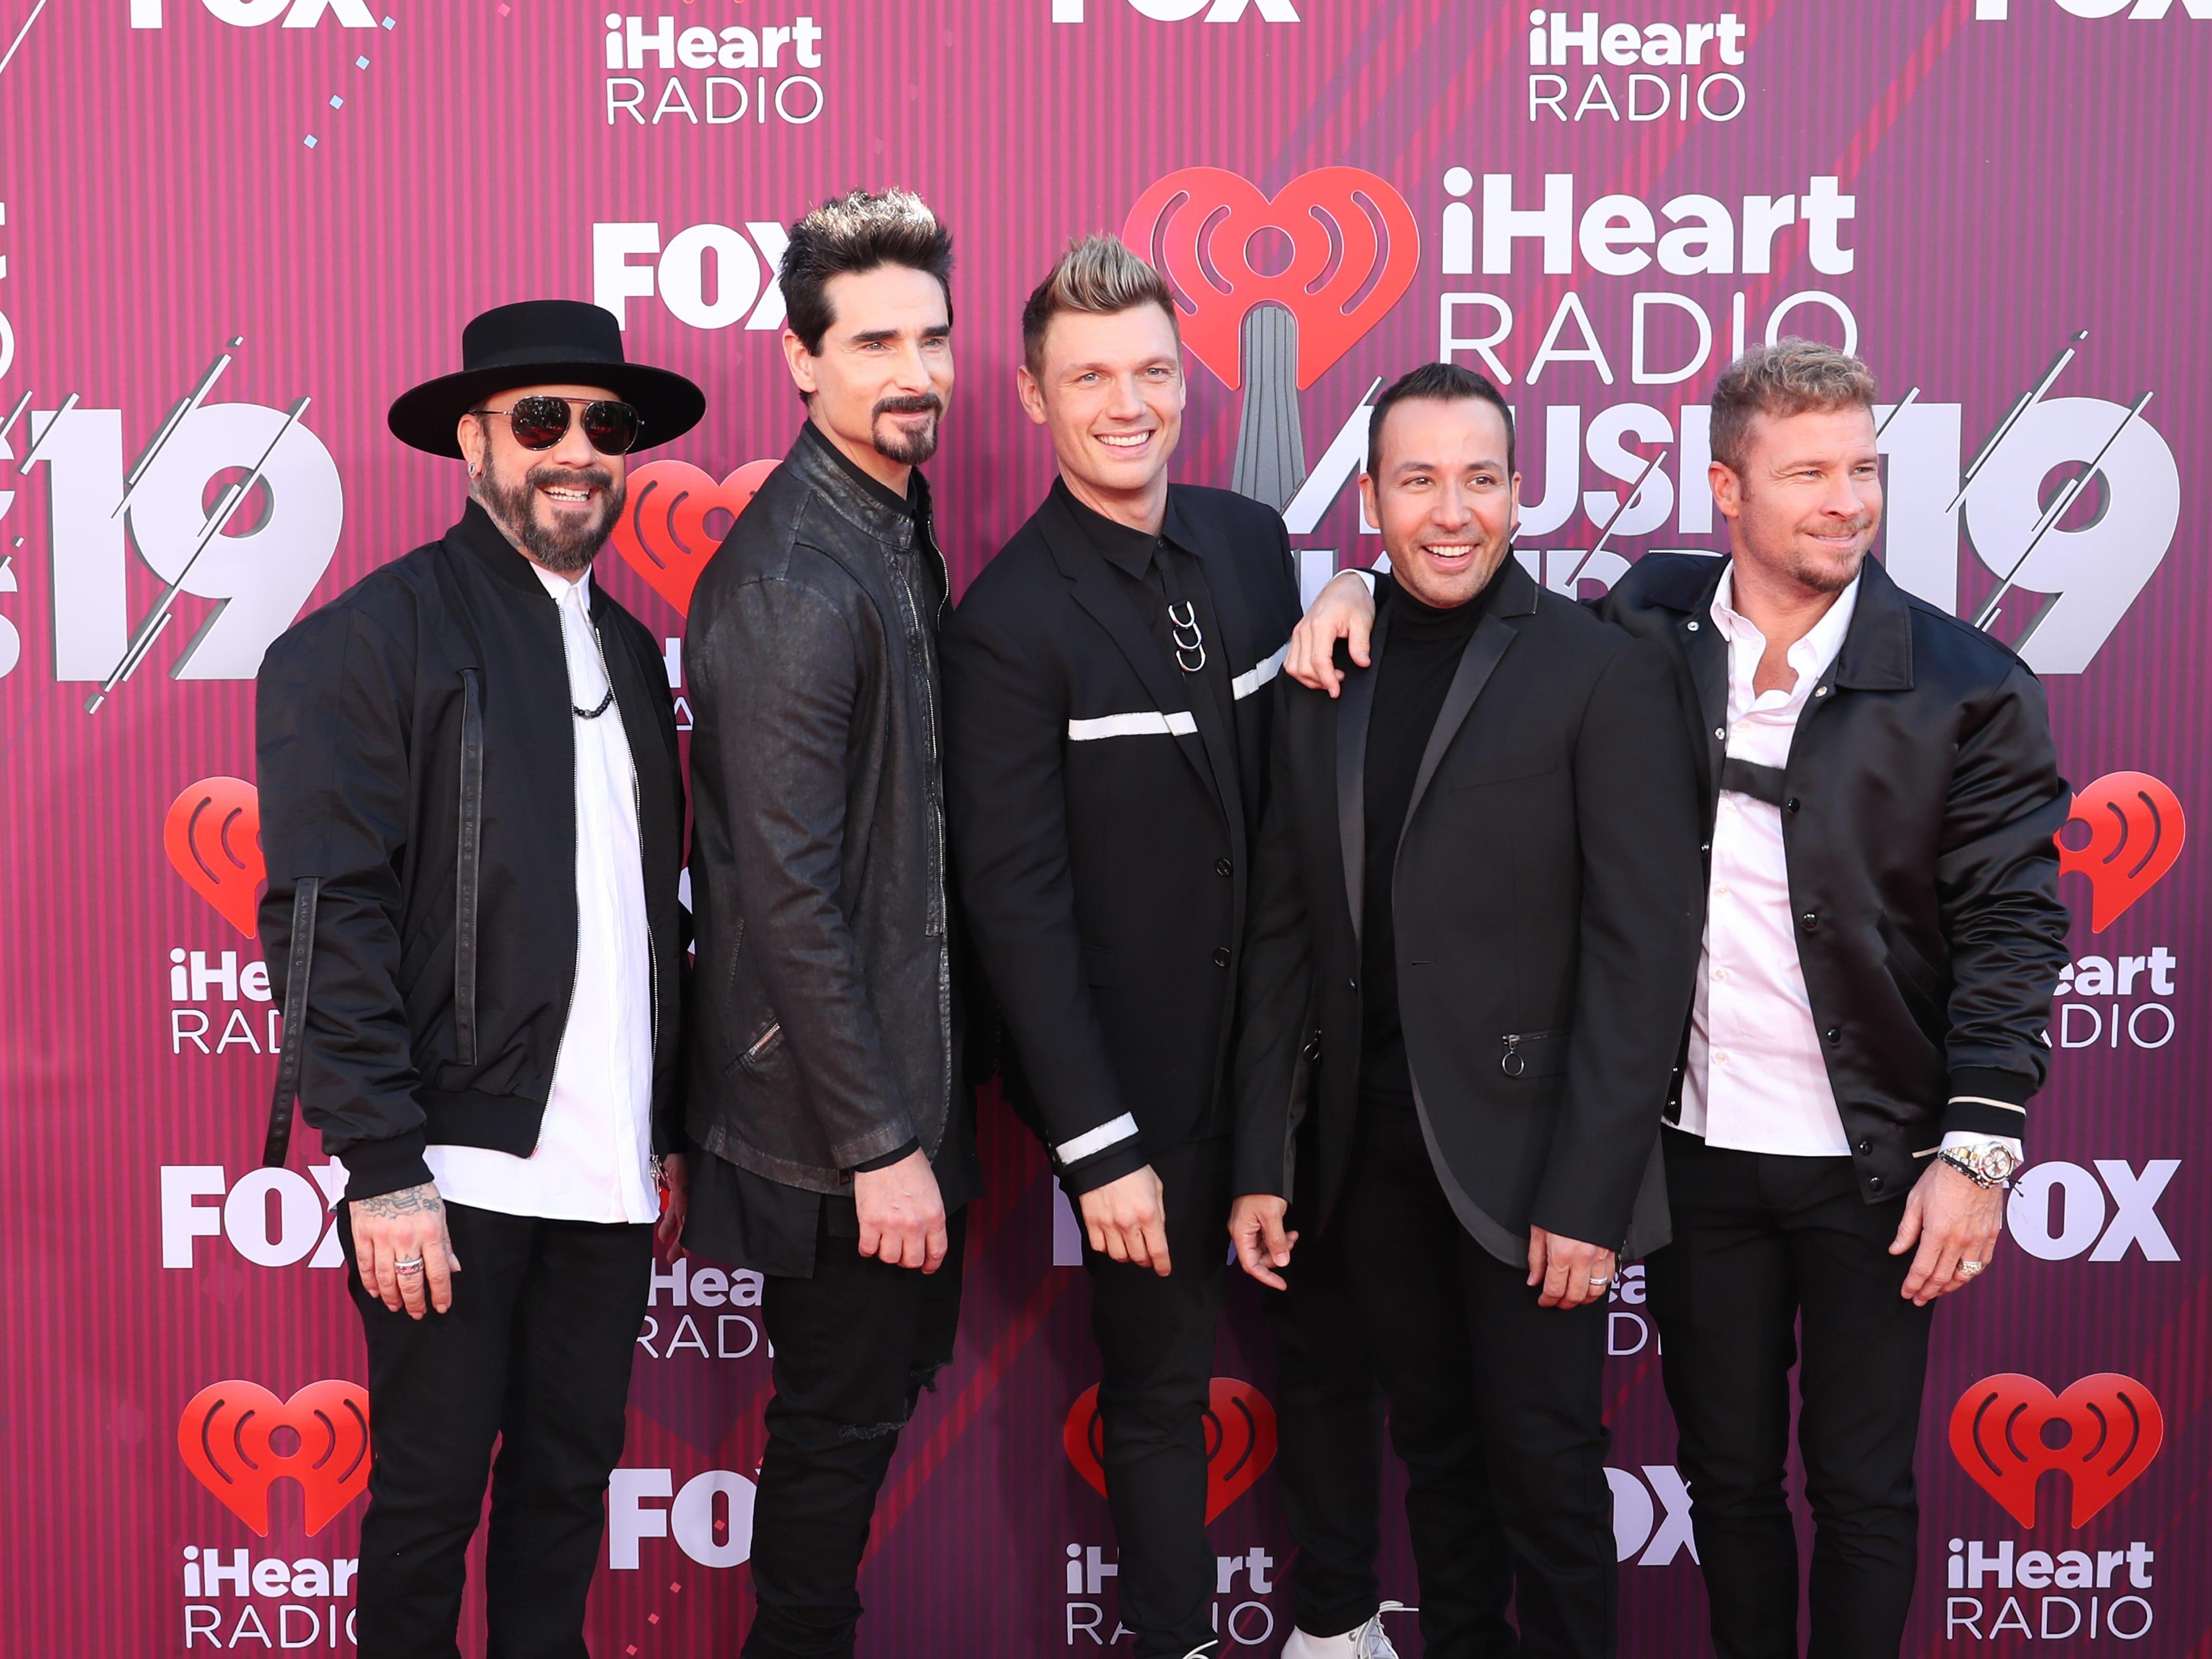 AJ McLean, Kevin Richardson, Nick Carter, Howie Dorough, y Brian Littrell deBackstreet Boys a su llegada a los premios iHeart Radio Music Awards en 2019 el 14 de marzo de 2019 en Los Angeles, California.